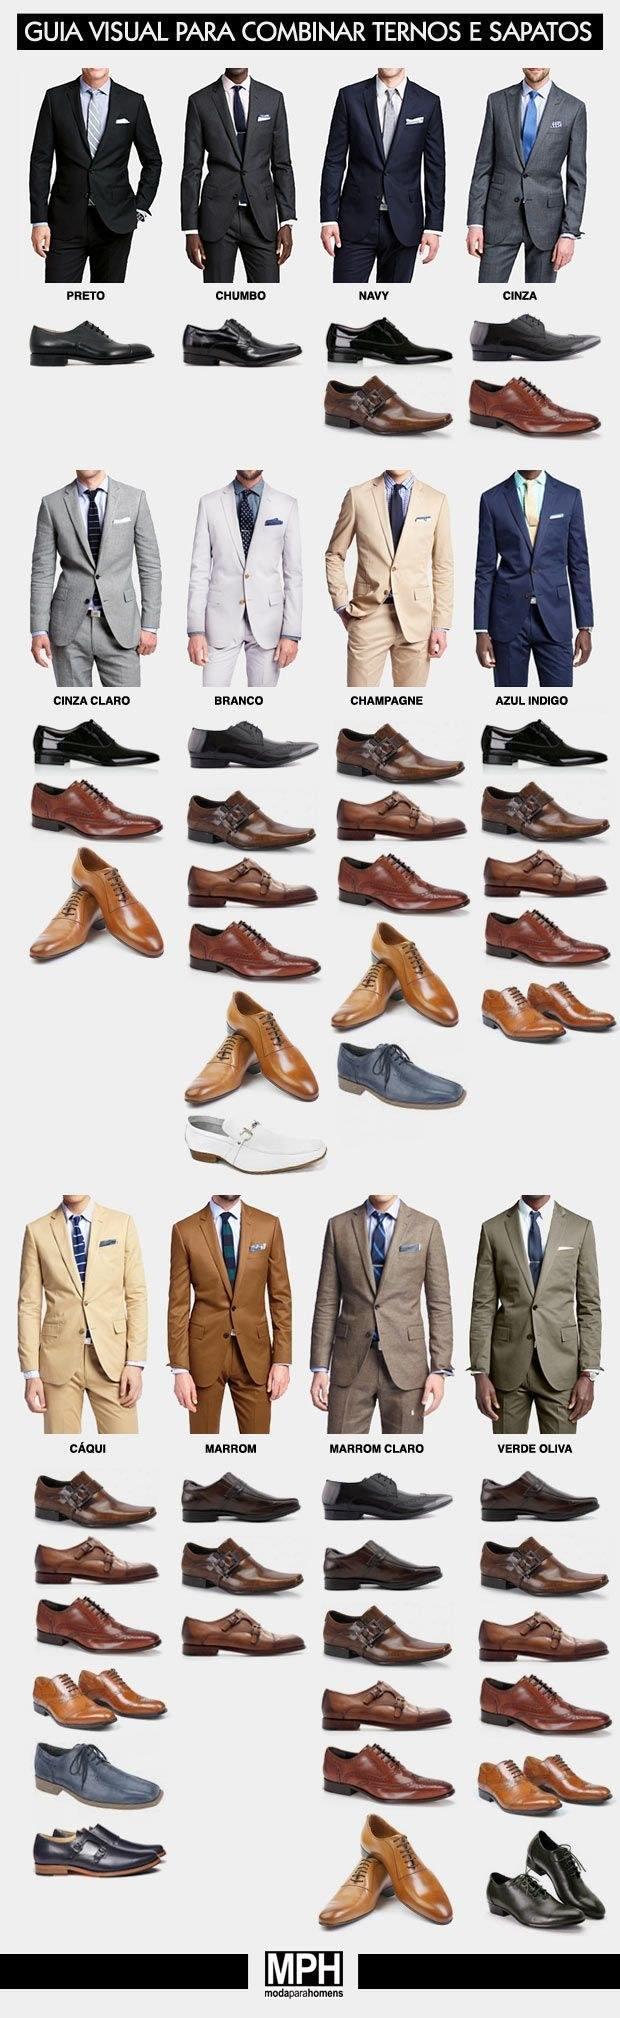 วิธีเลือกรองเท้าให้เข้ากับสูท